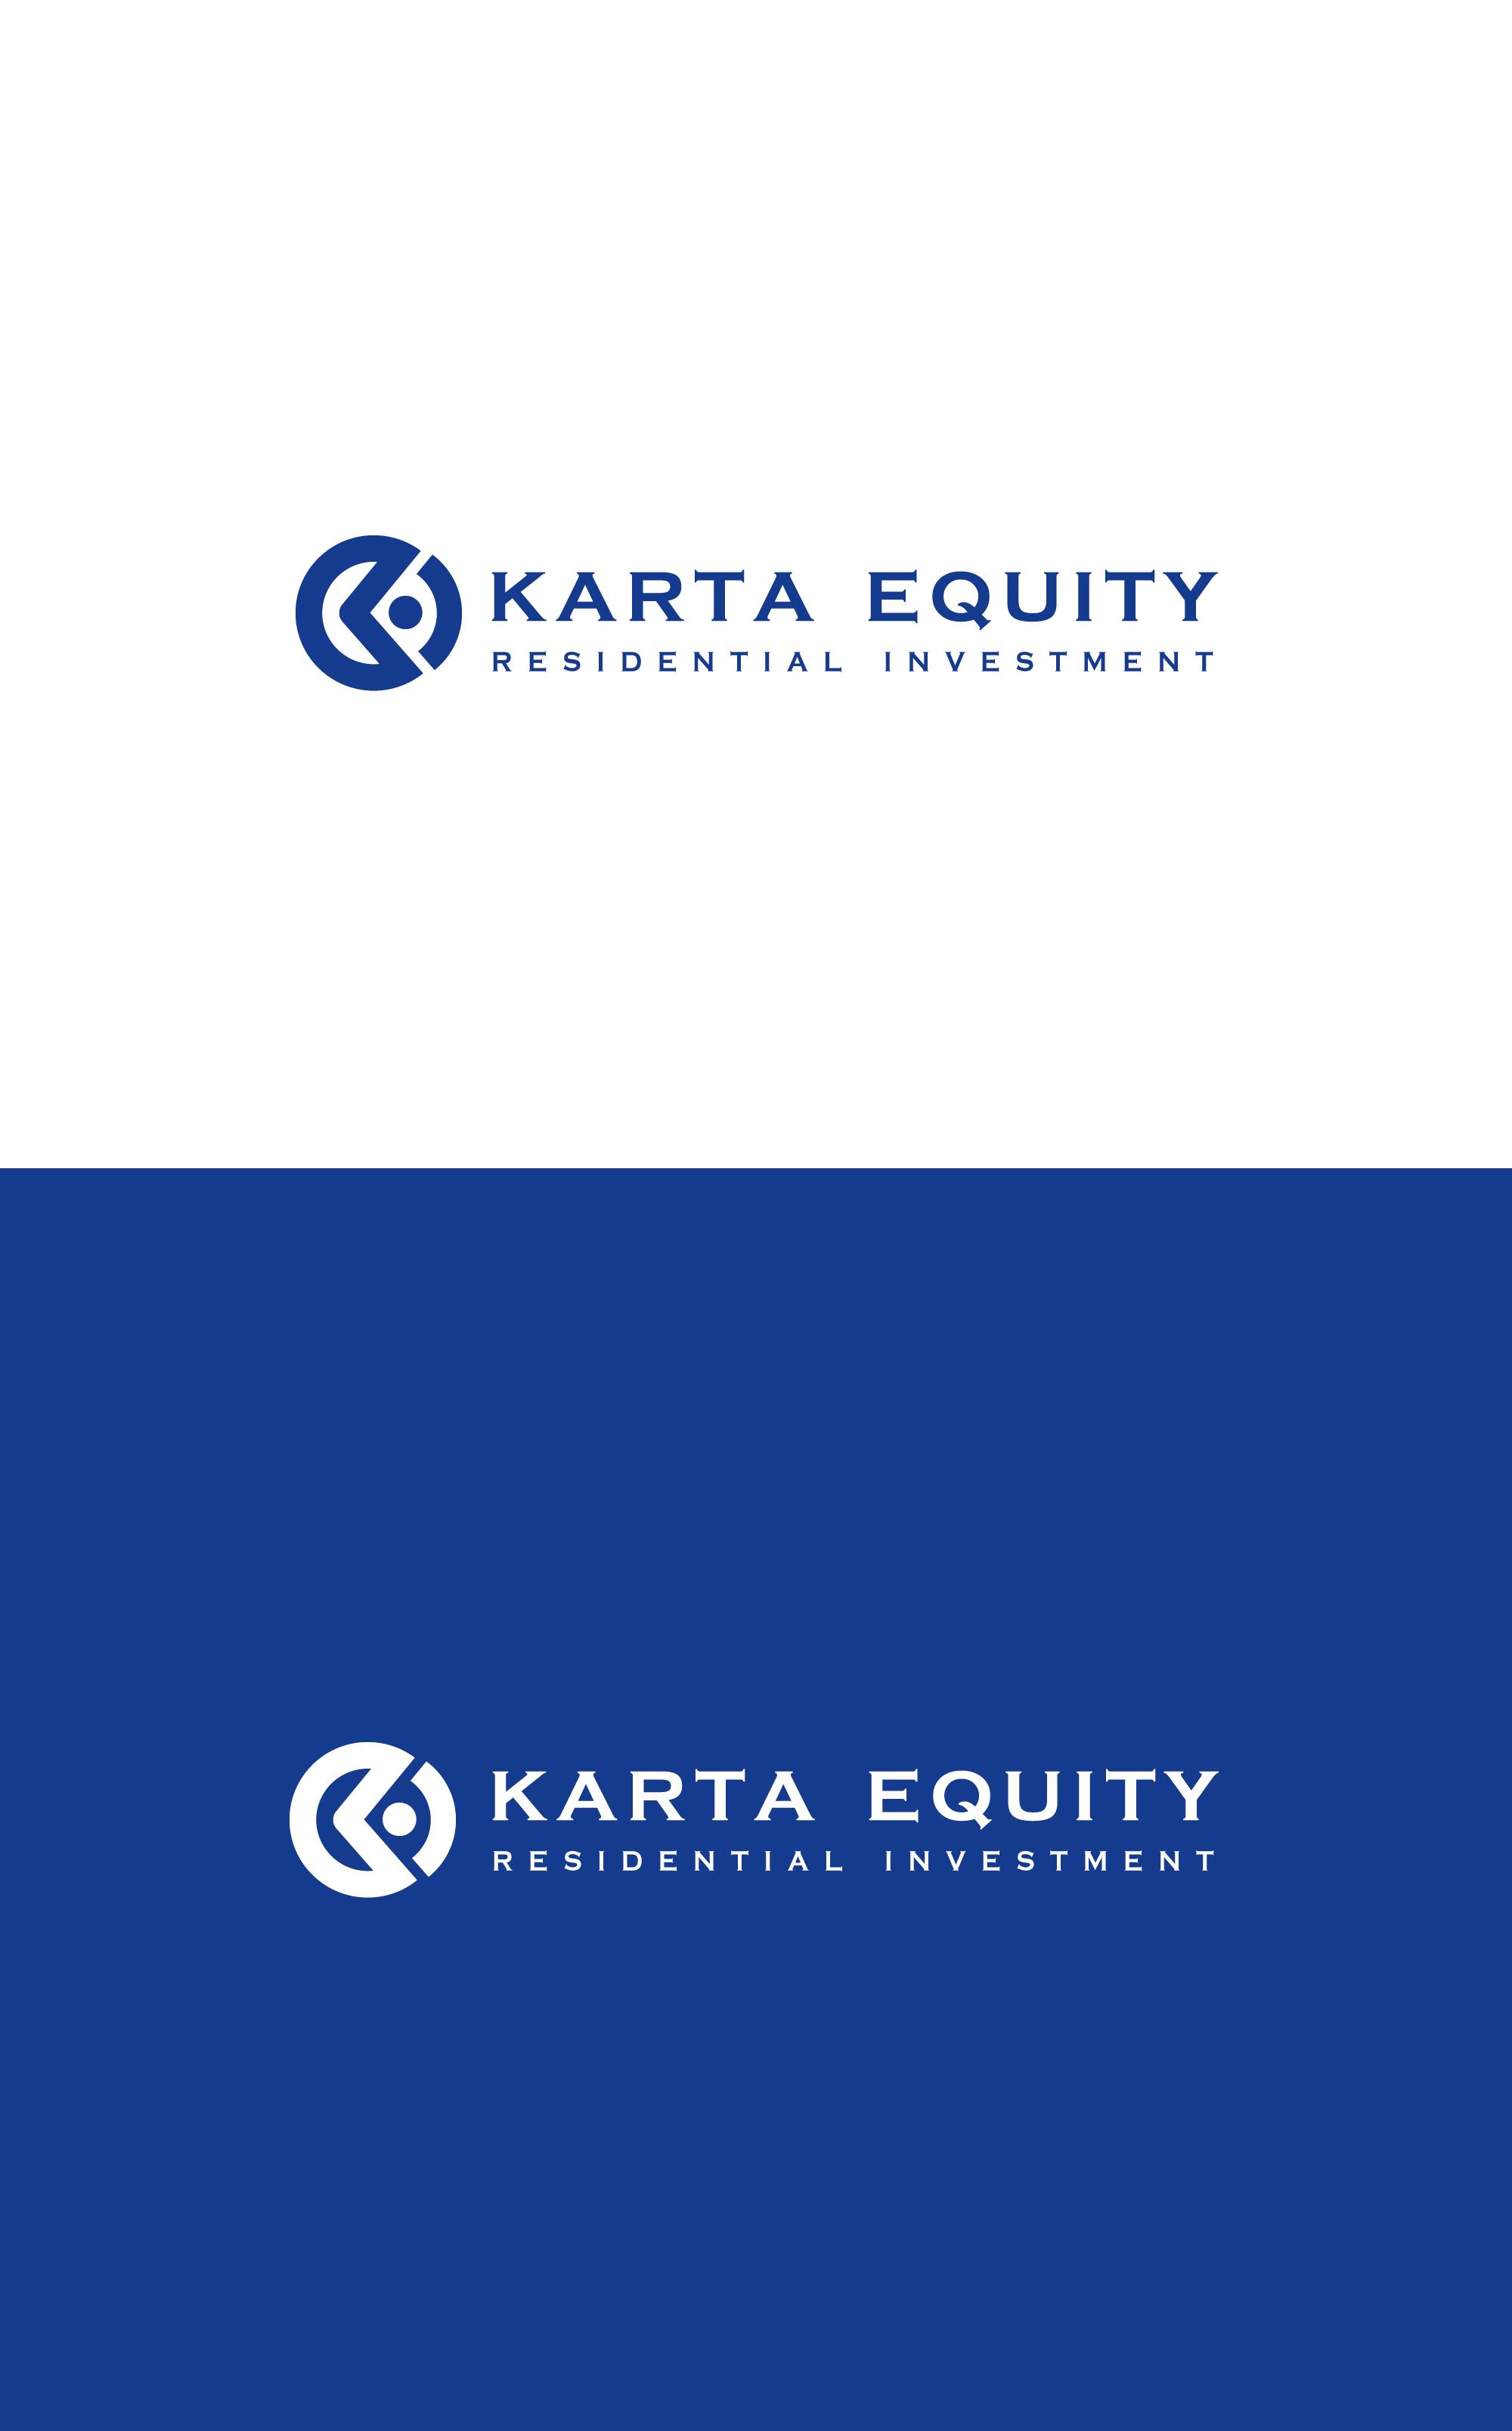 Логотип для компании инвестироваюшей в жилую недвижимость фото f_9895e12774b833fa.jpg